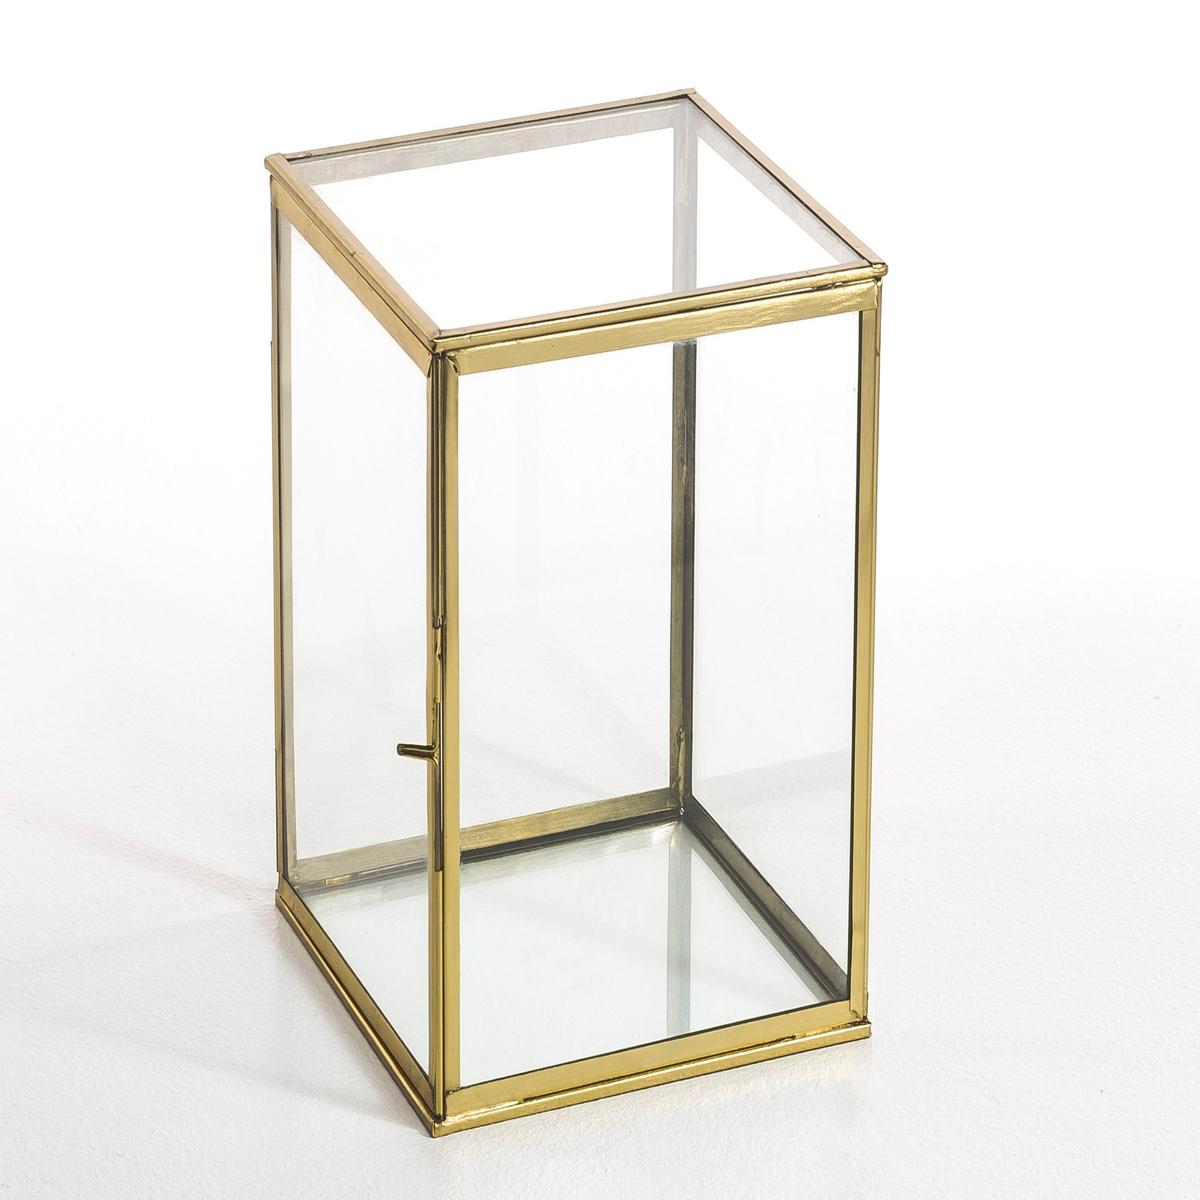 Коробка-витрина, MisiaКоробка-витрина в форме трапеции, Misia. Можно расположить вертикально или горизонтально . Симпатичный макси формат идеален для выделения различных предметов  . Описание : - Выполнена из стекла и металла- Медная отделка, черного или золотистого цвета .- Ремесленное производство, собрана вручную Размеры : - 40 x 20 x 20 см .<br><br>Цвет: латунь,черный металл<br>Размер: единый размер